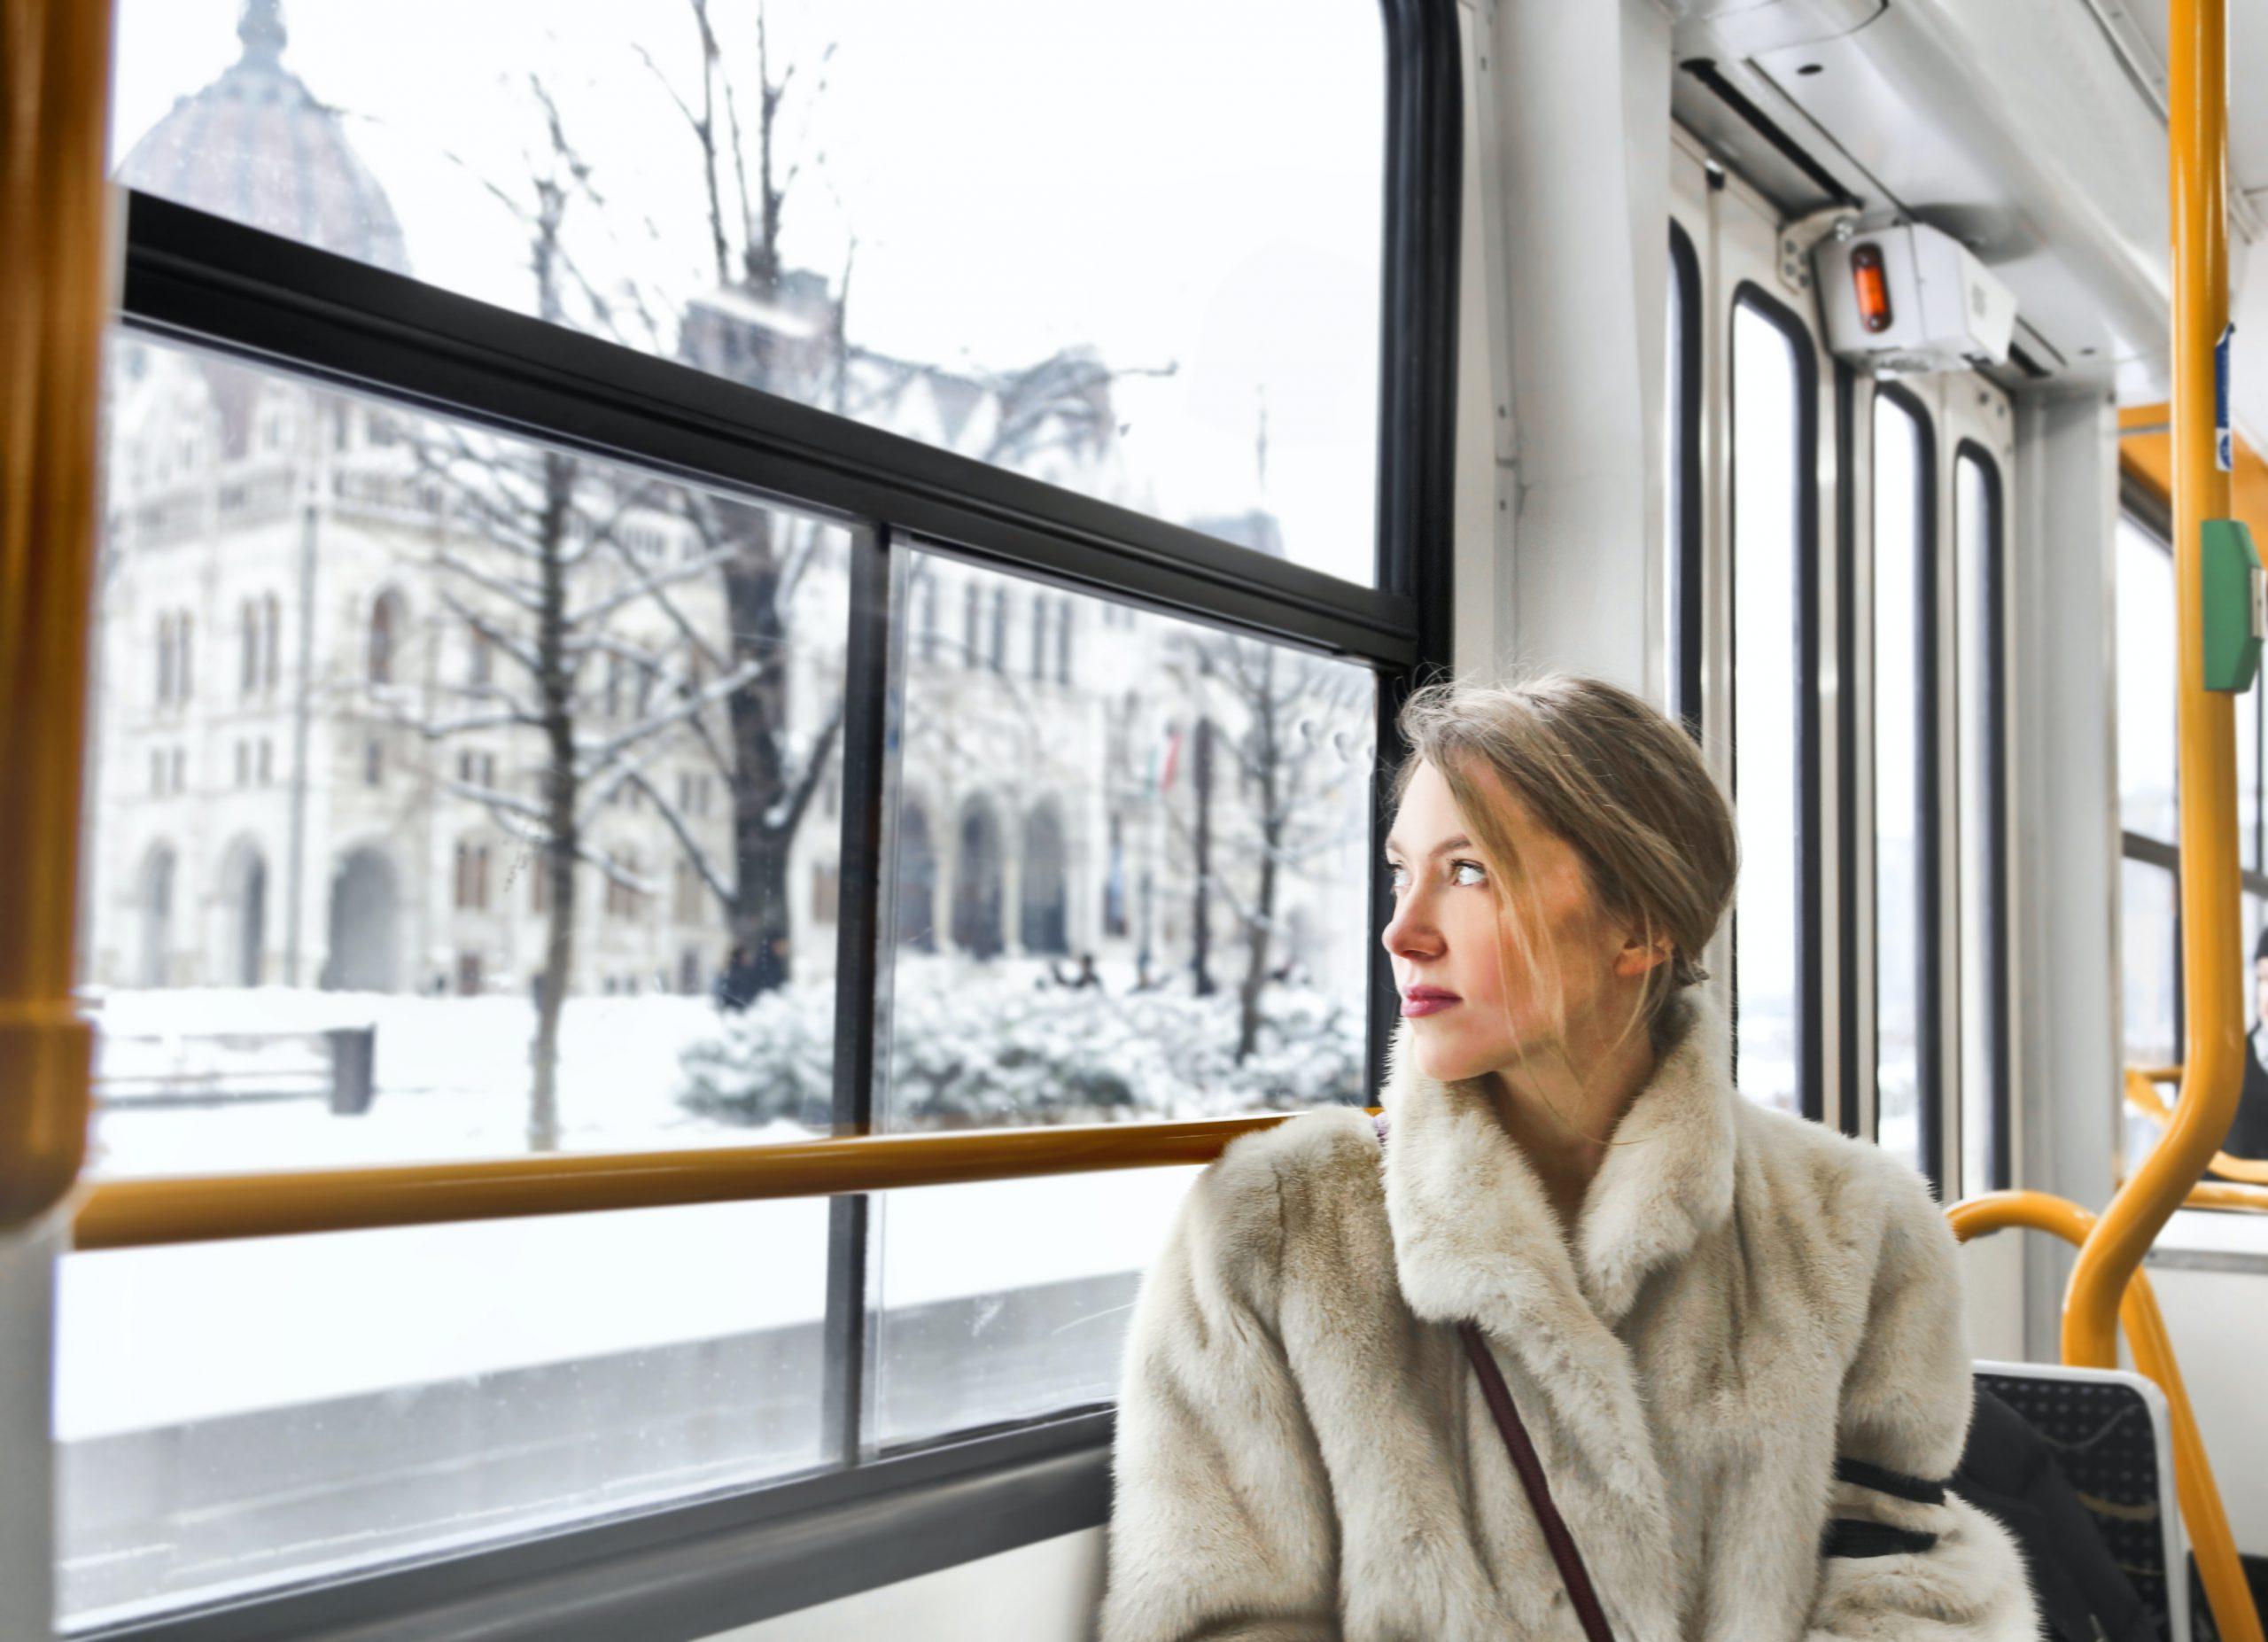 kvinna på tunnelbana i pälskappa